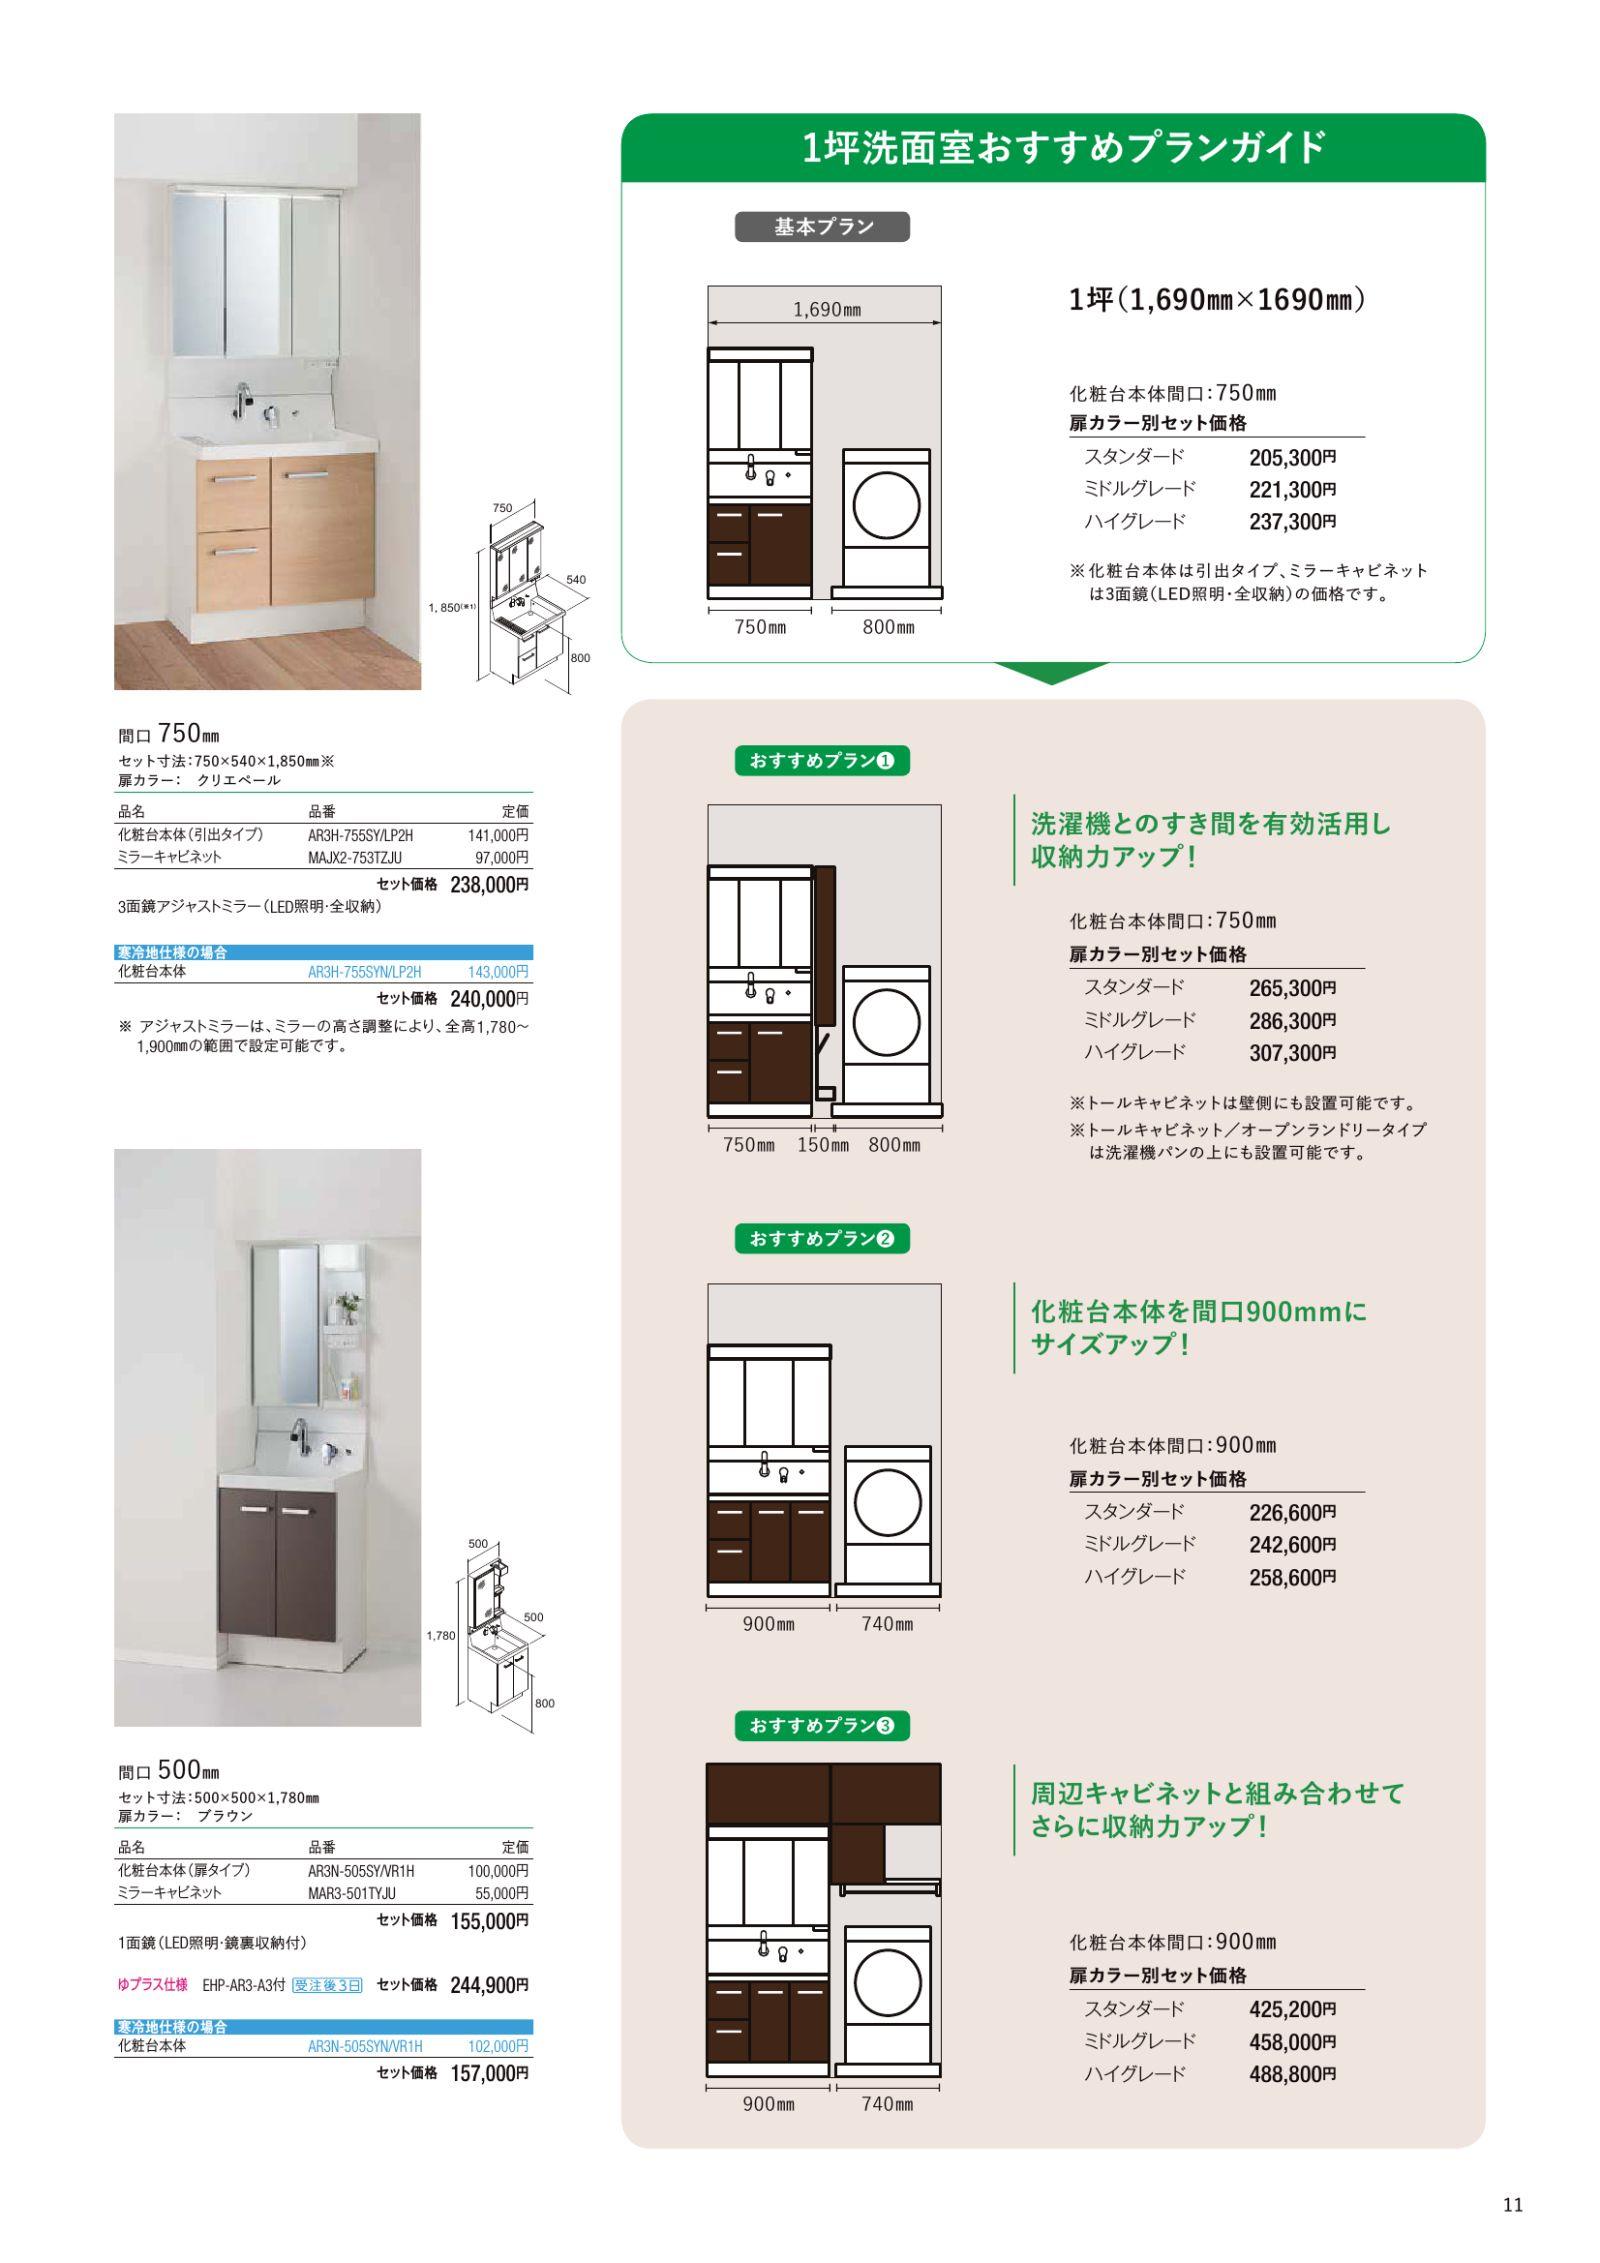 ピアラカタログ 総ページ数 24 洗面台 カタログ ビュー